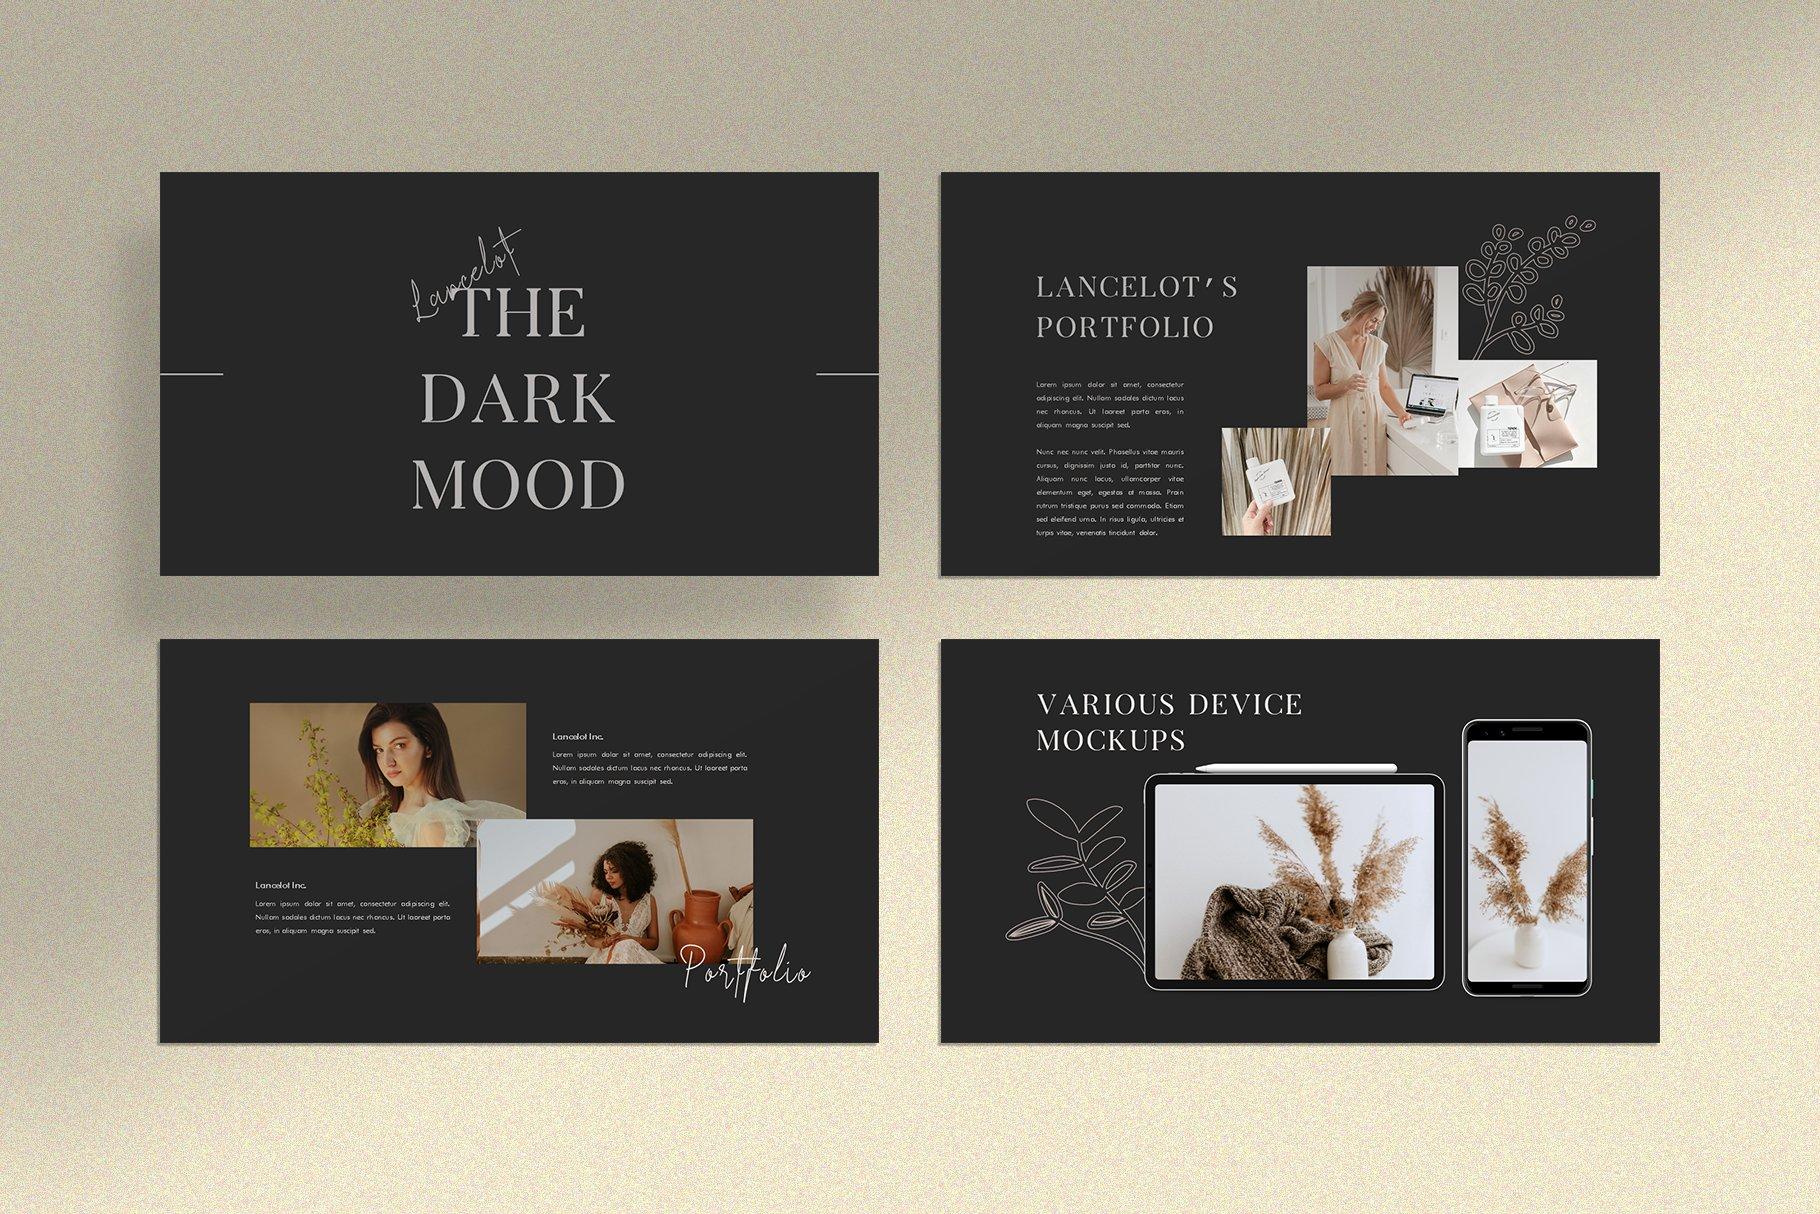 时尚简约女性服装摄影作品集PPT幻灯片模板 Lancelot Presentation Template插图(7)